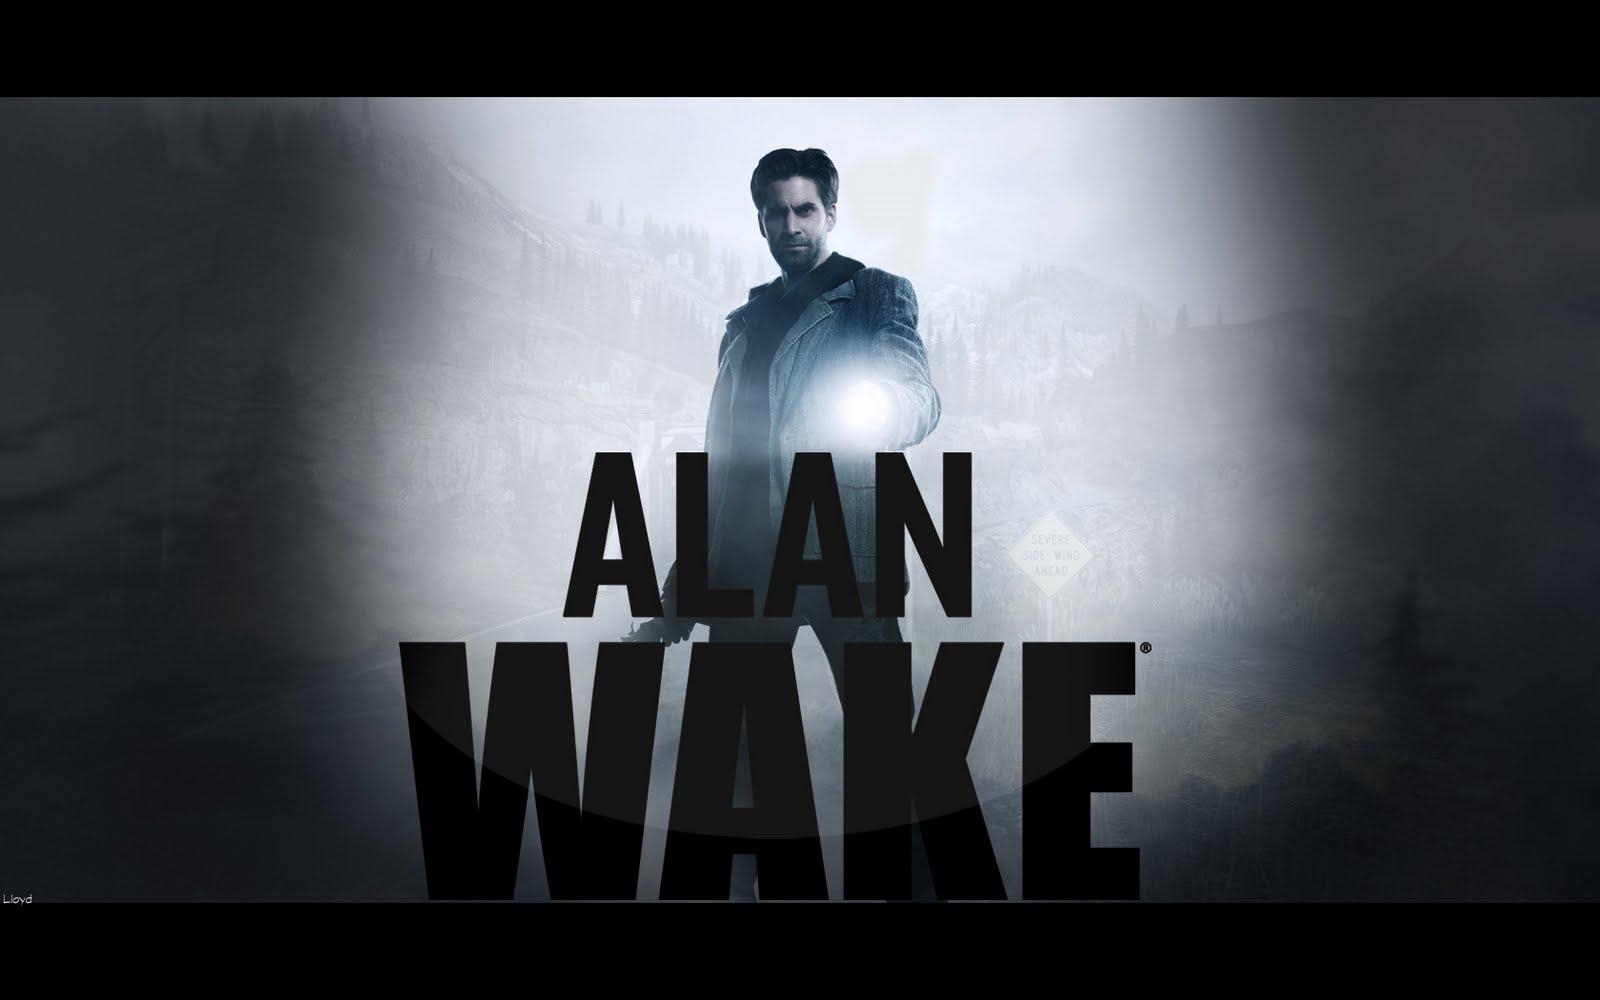 http://3.bp.blogspot.com/_nLgKI7QO1QY/S7V802JIOsI/AAAAAAAAAAs/BVexwdn3_ig/s1600/Alan_Wake_Wallpaper_2_by_igotgame1075.jpg